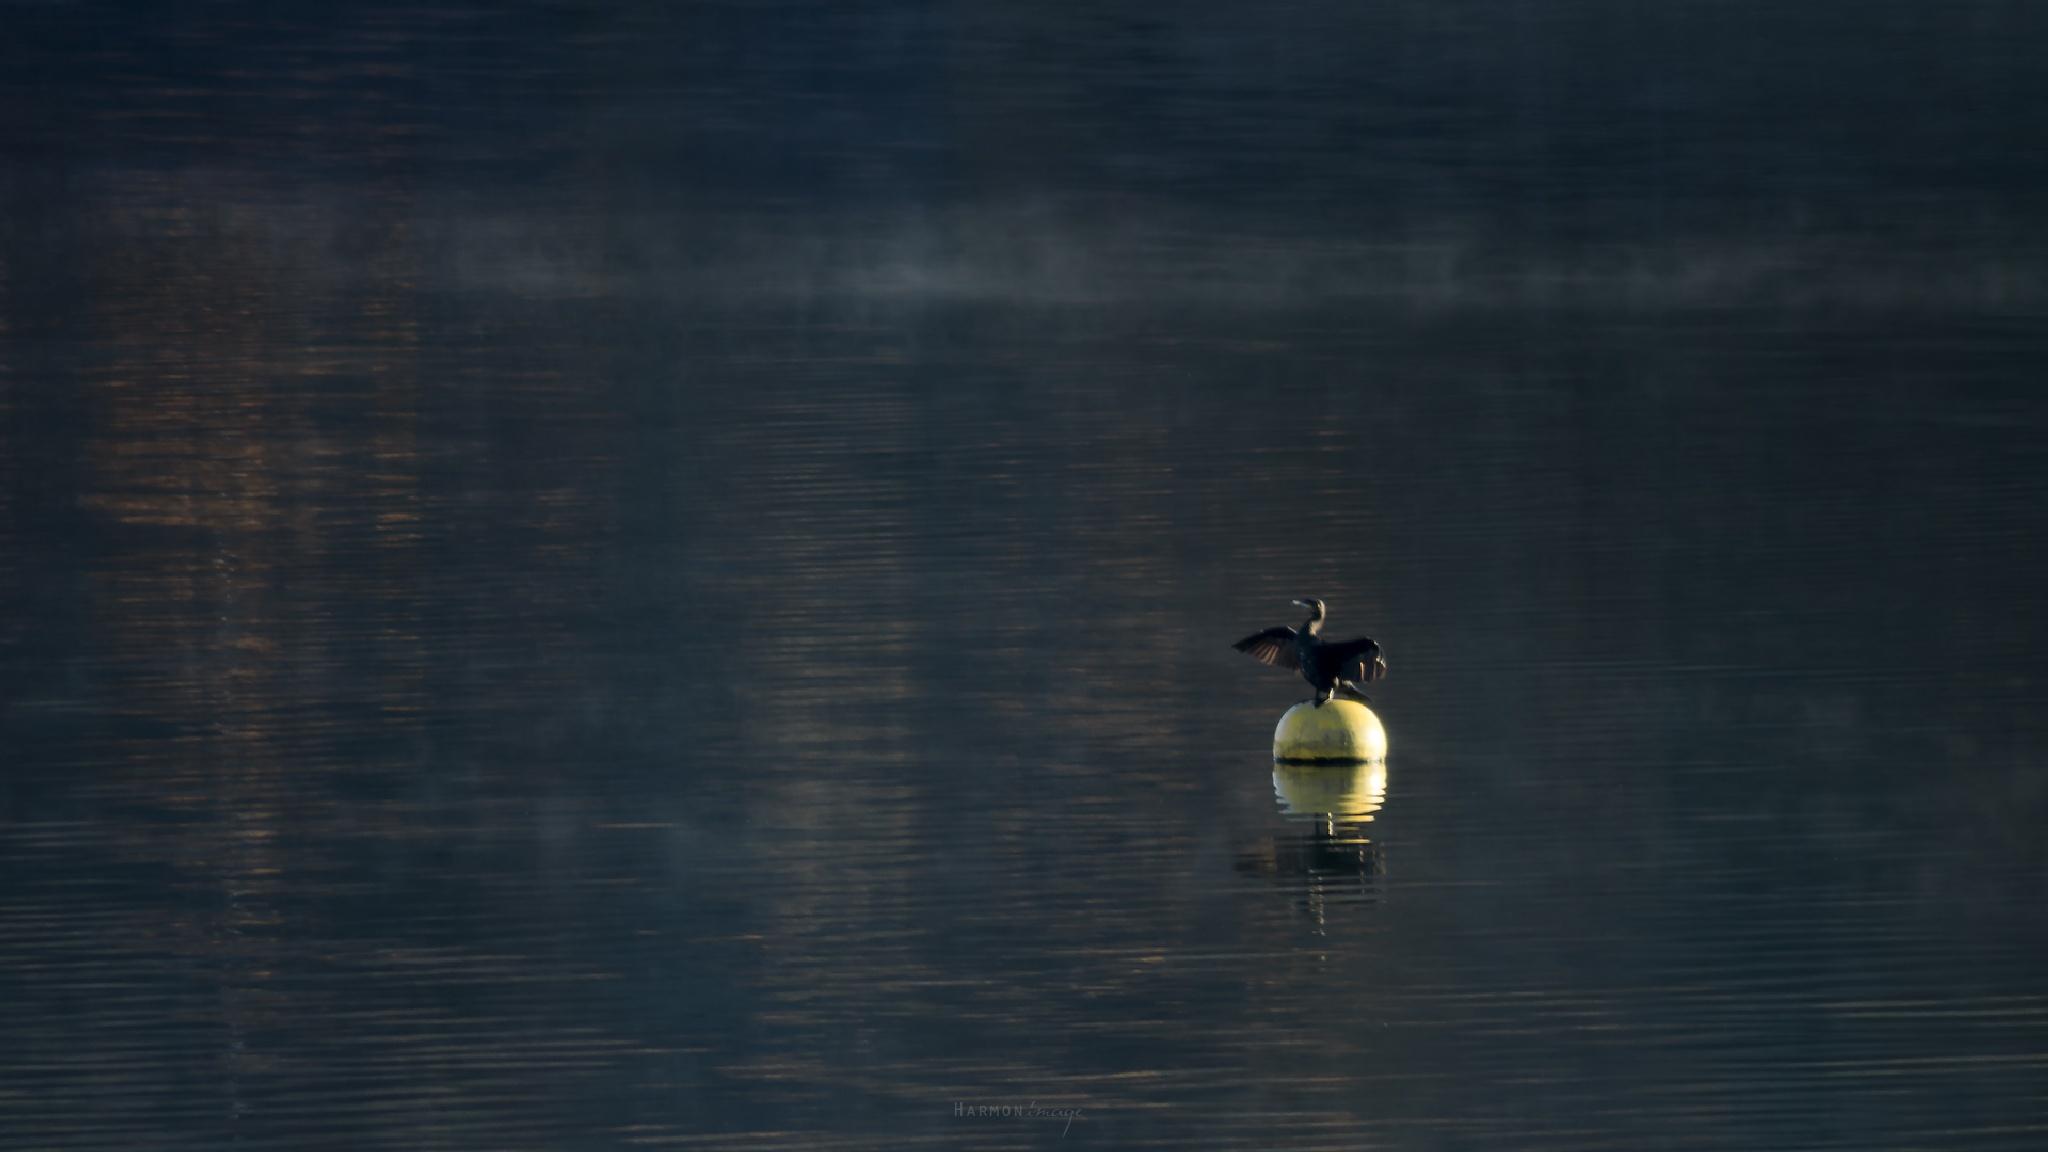 seigneur du lac by Harmonimage